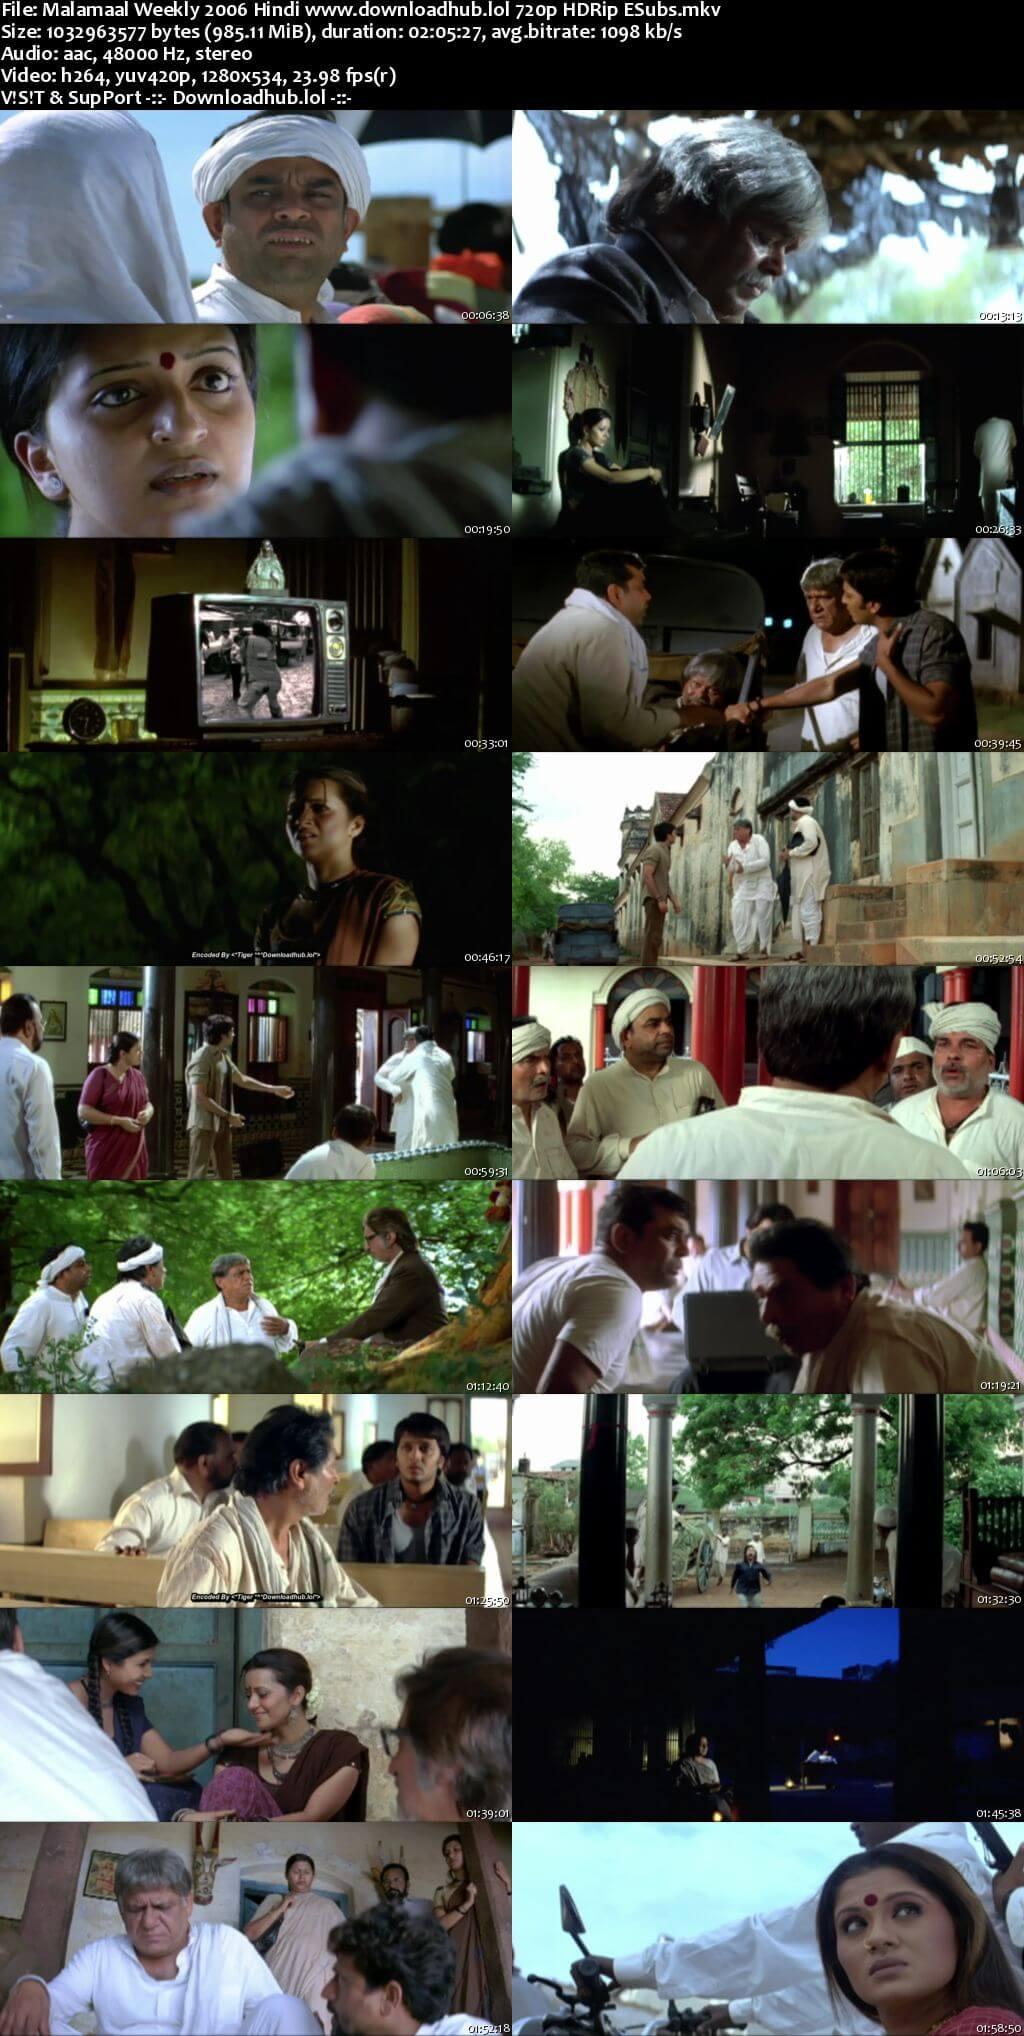 Malamaal Weekly 2006 Hindi 720p HDRip ESubs